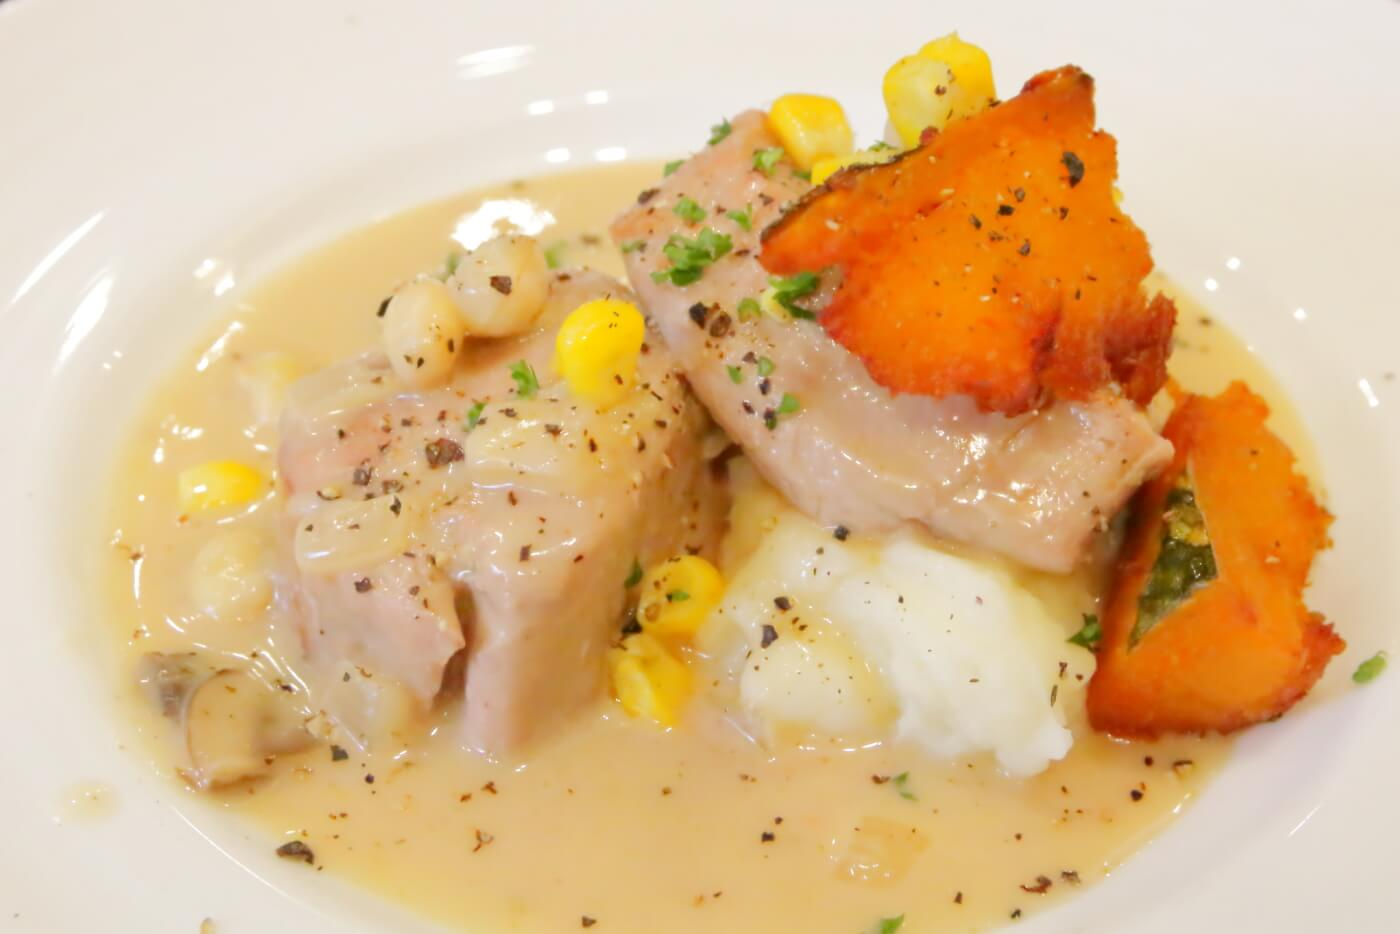 高知市ルビストロタシマのランチ 豚フィレ肉のフリカッセ